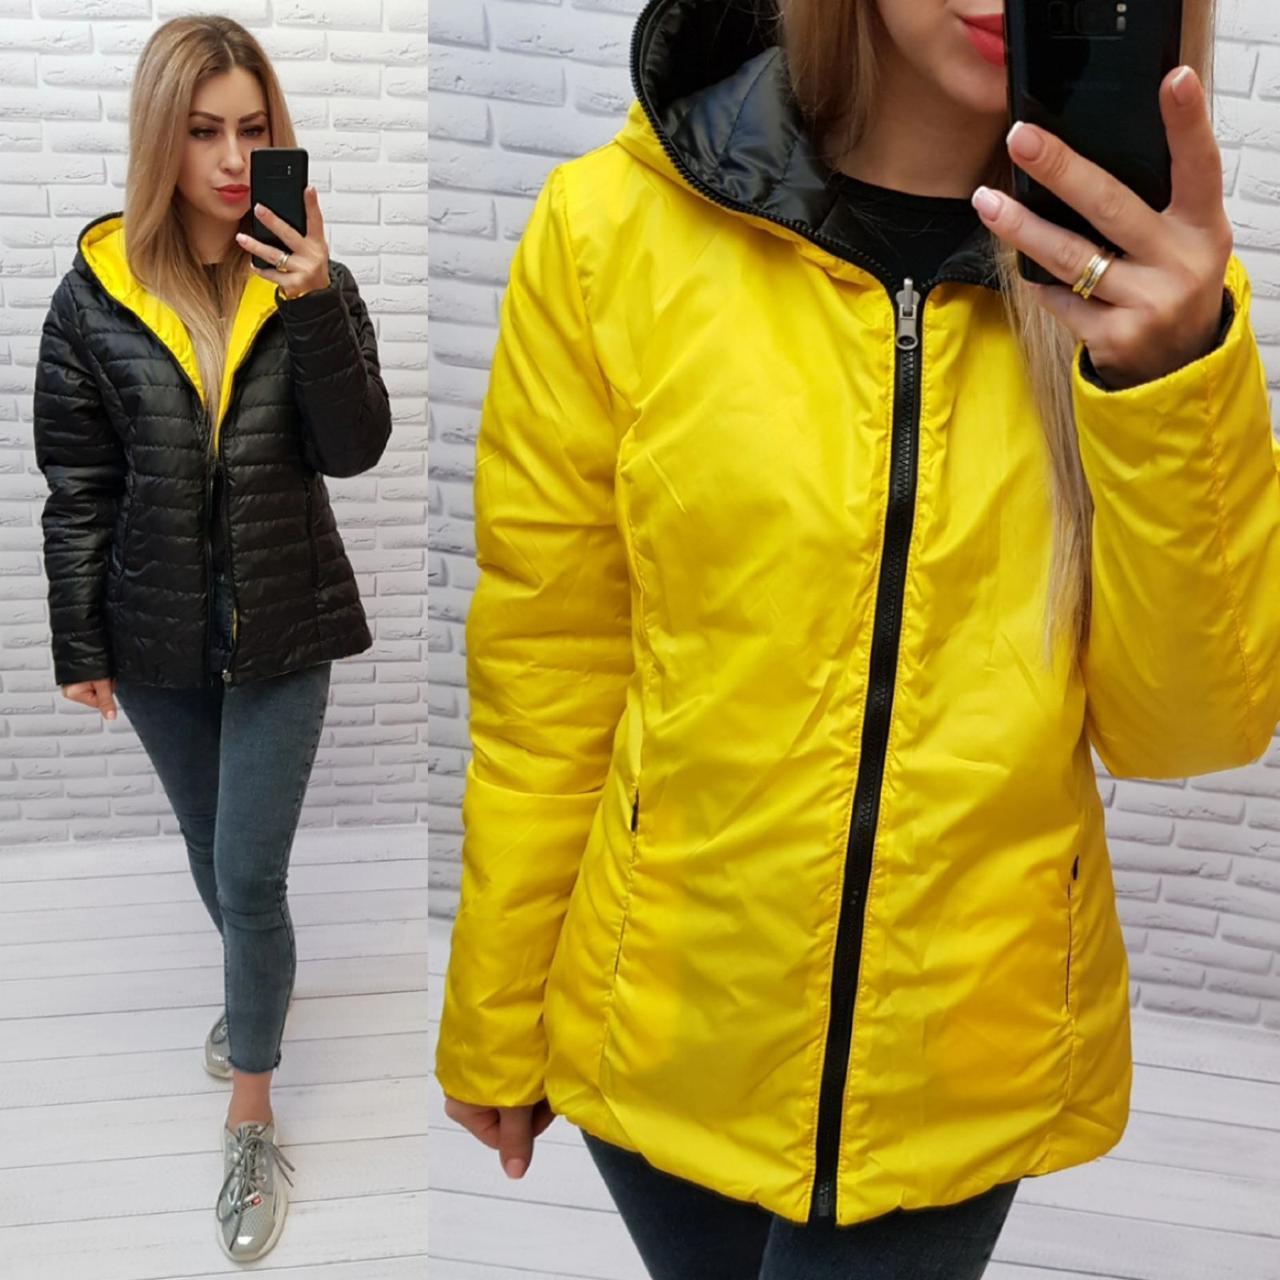 Двусторонняя короткая куртка больших размеров весна - осень, 2в1 желтый / черный, арт 185